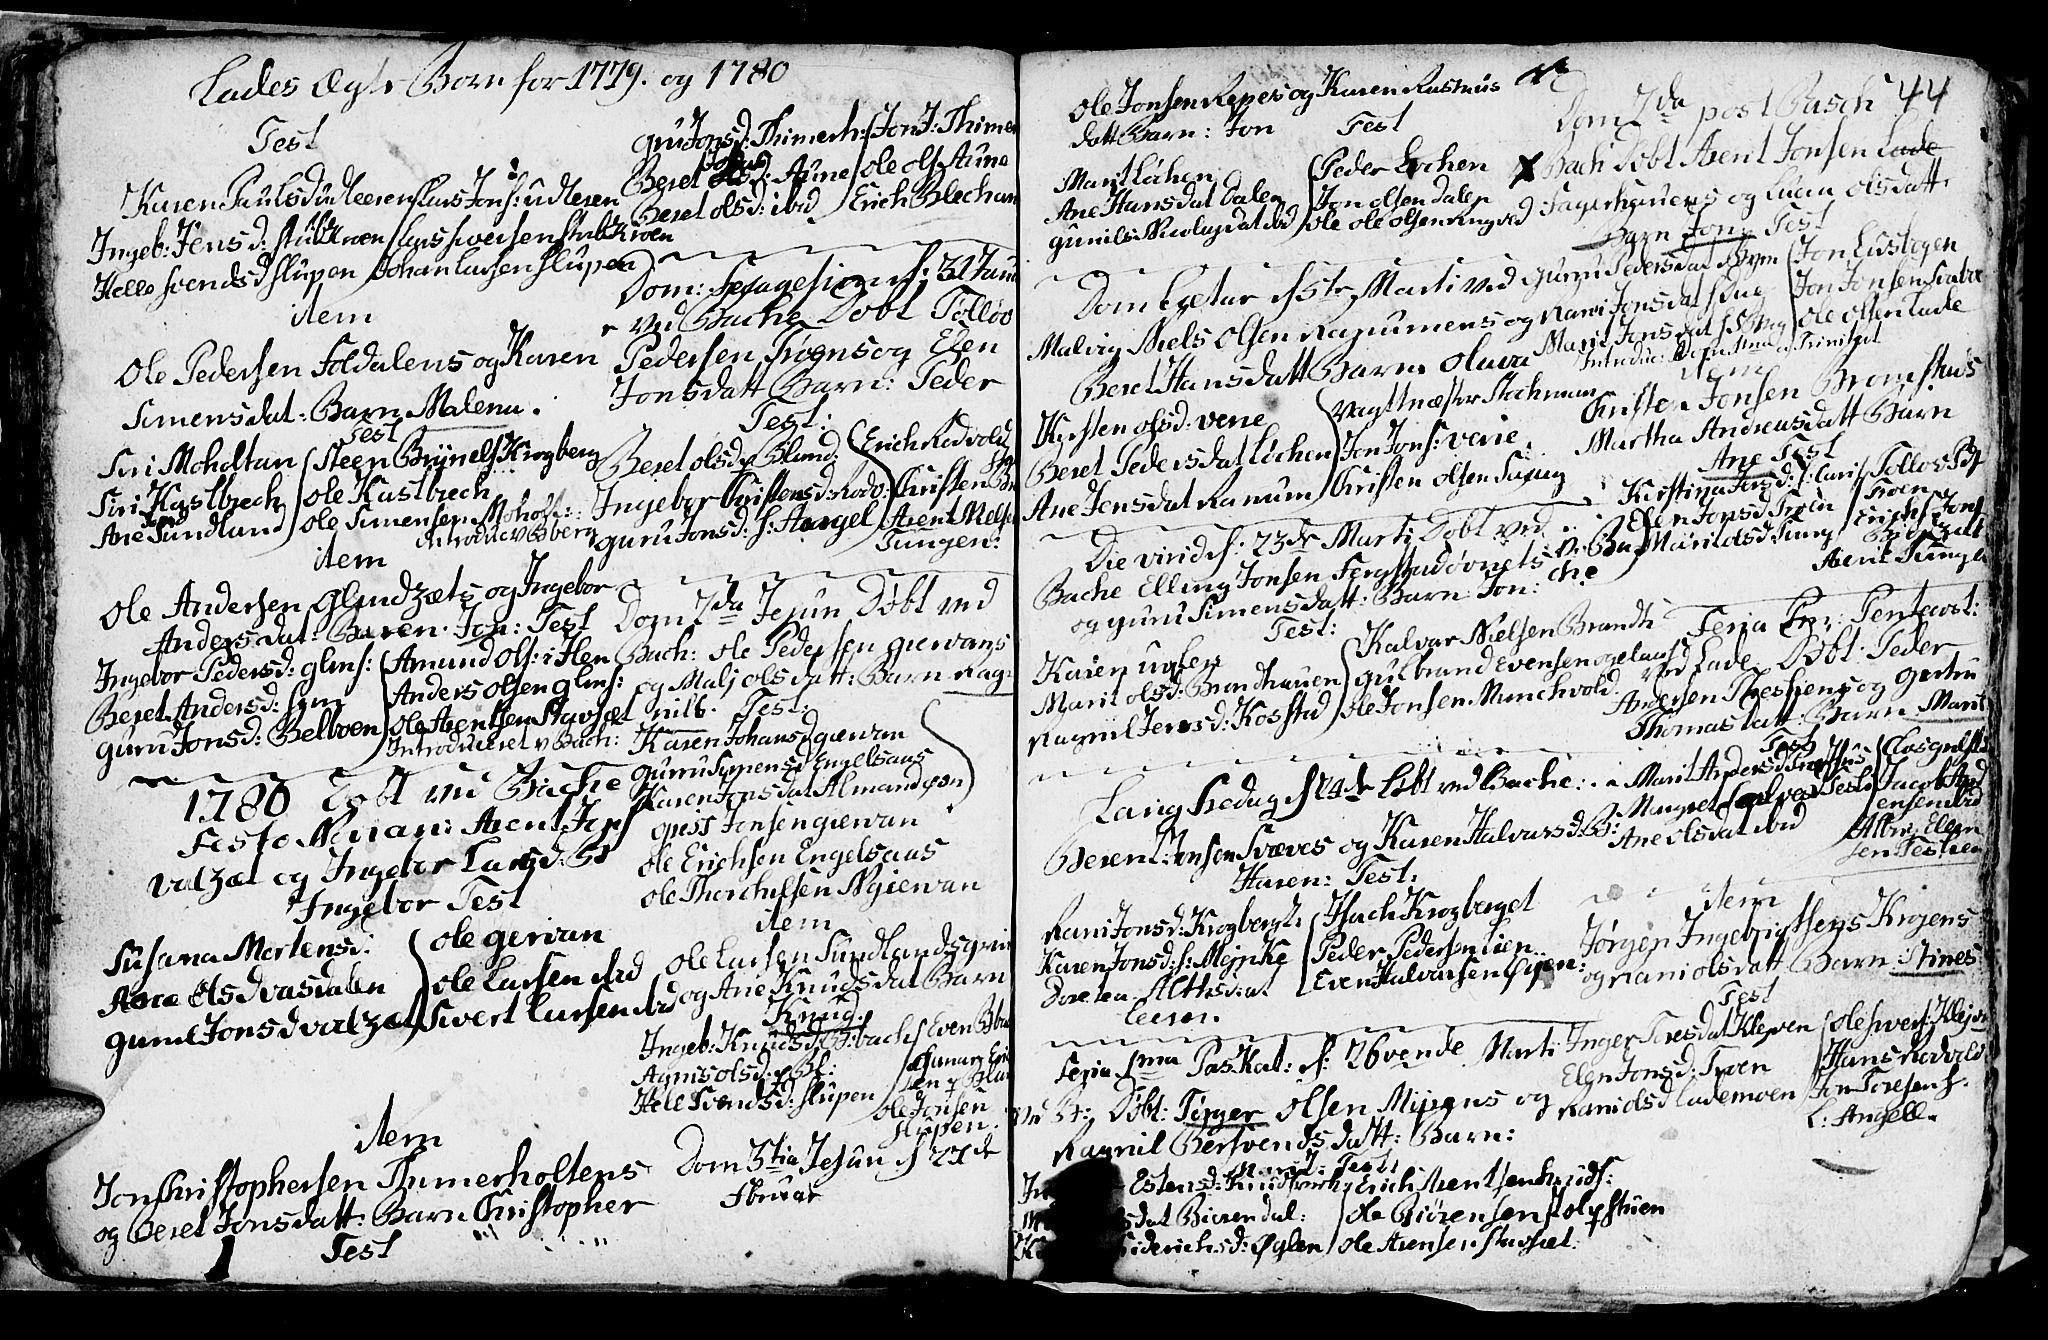 SAT, Ministerialprotokoller, klokkerbøker og fødselsregistre - Sør-Trøndelag, 606/L0305: Klokkerbok nr. 606C01, 1757-1819, s. 44